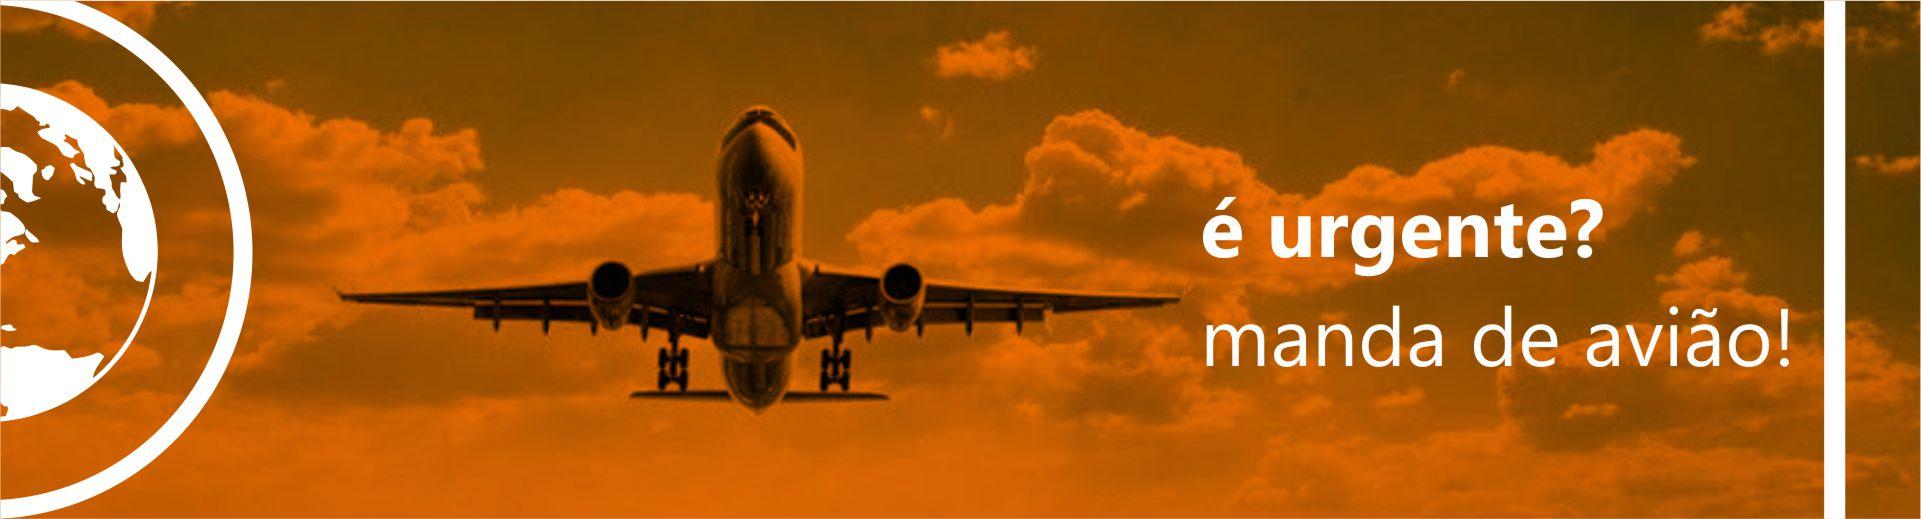 Banner transporte aereo